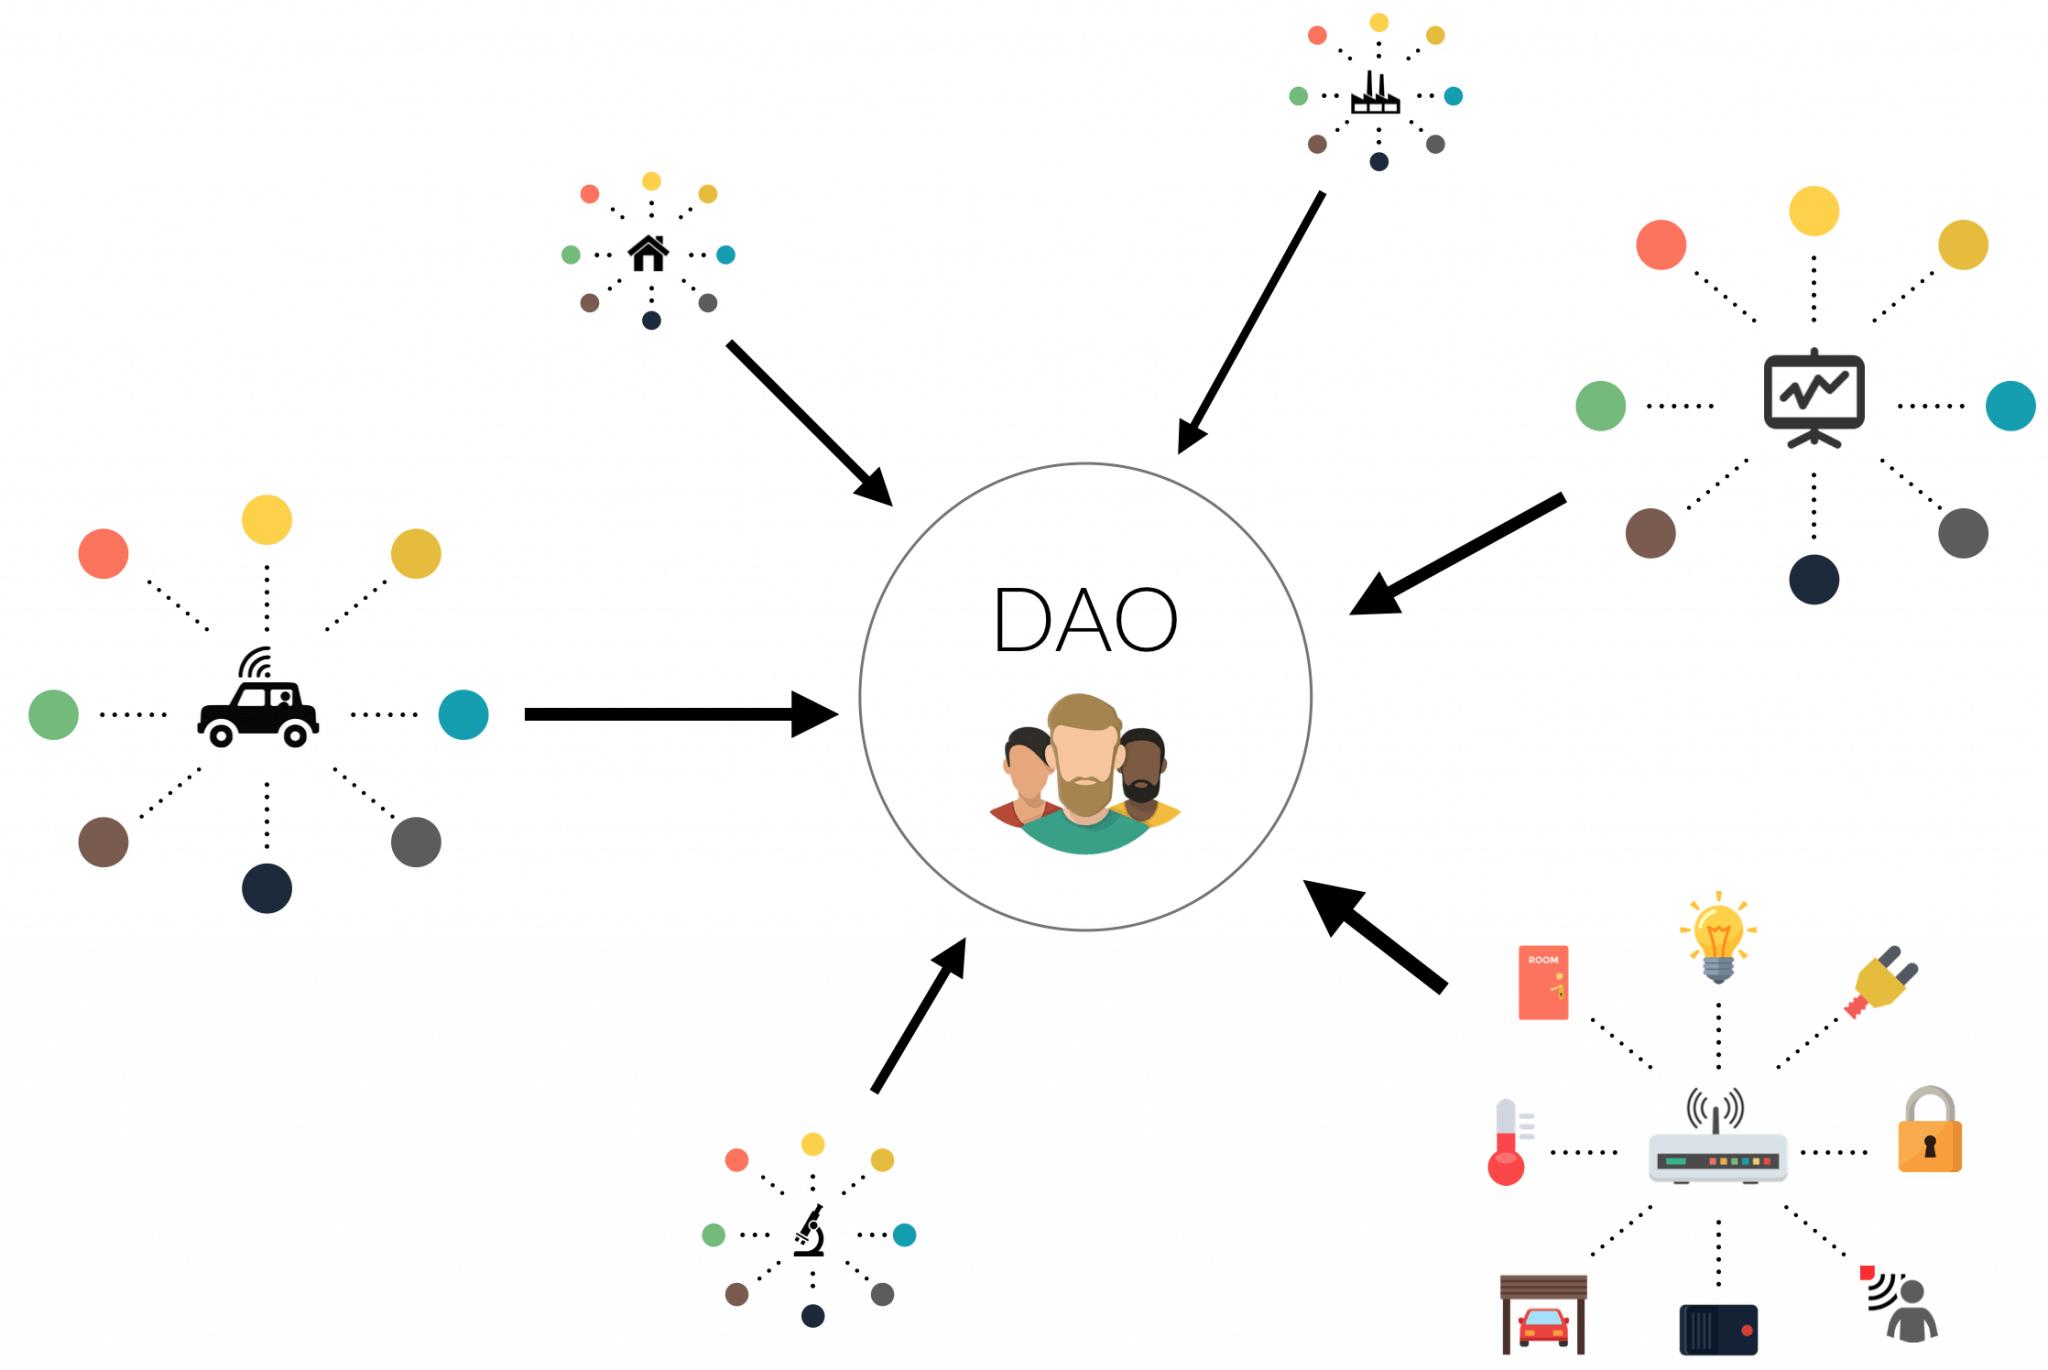 24.09.20 Decentralizované autonómne organizácie (DAOs)